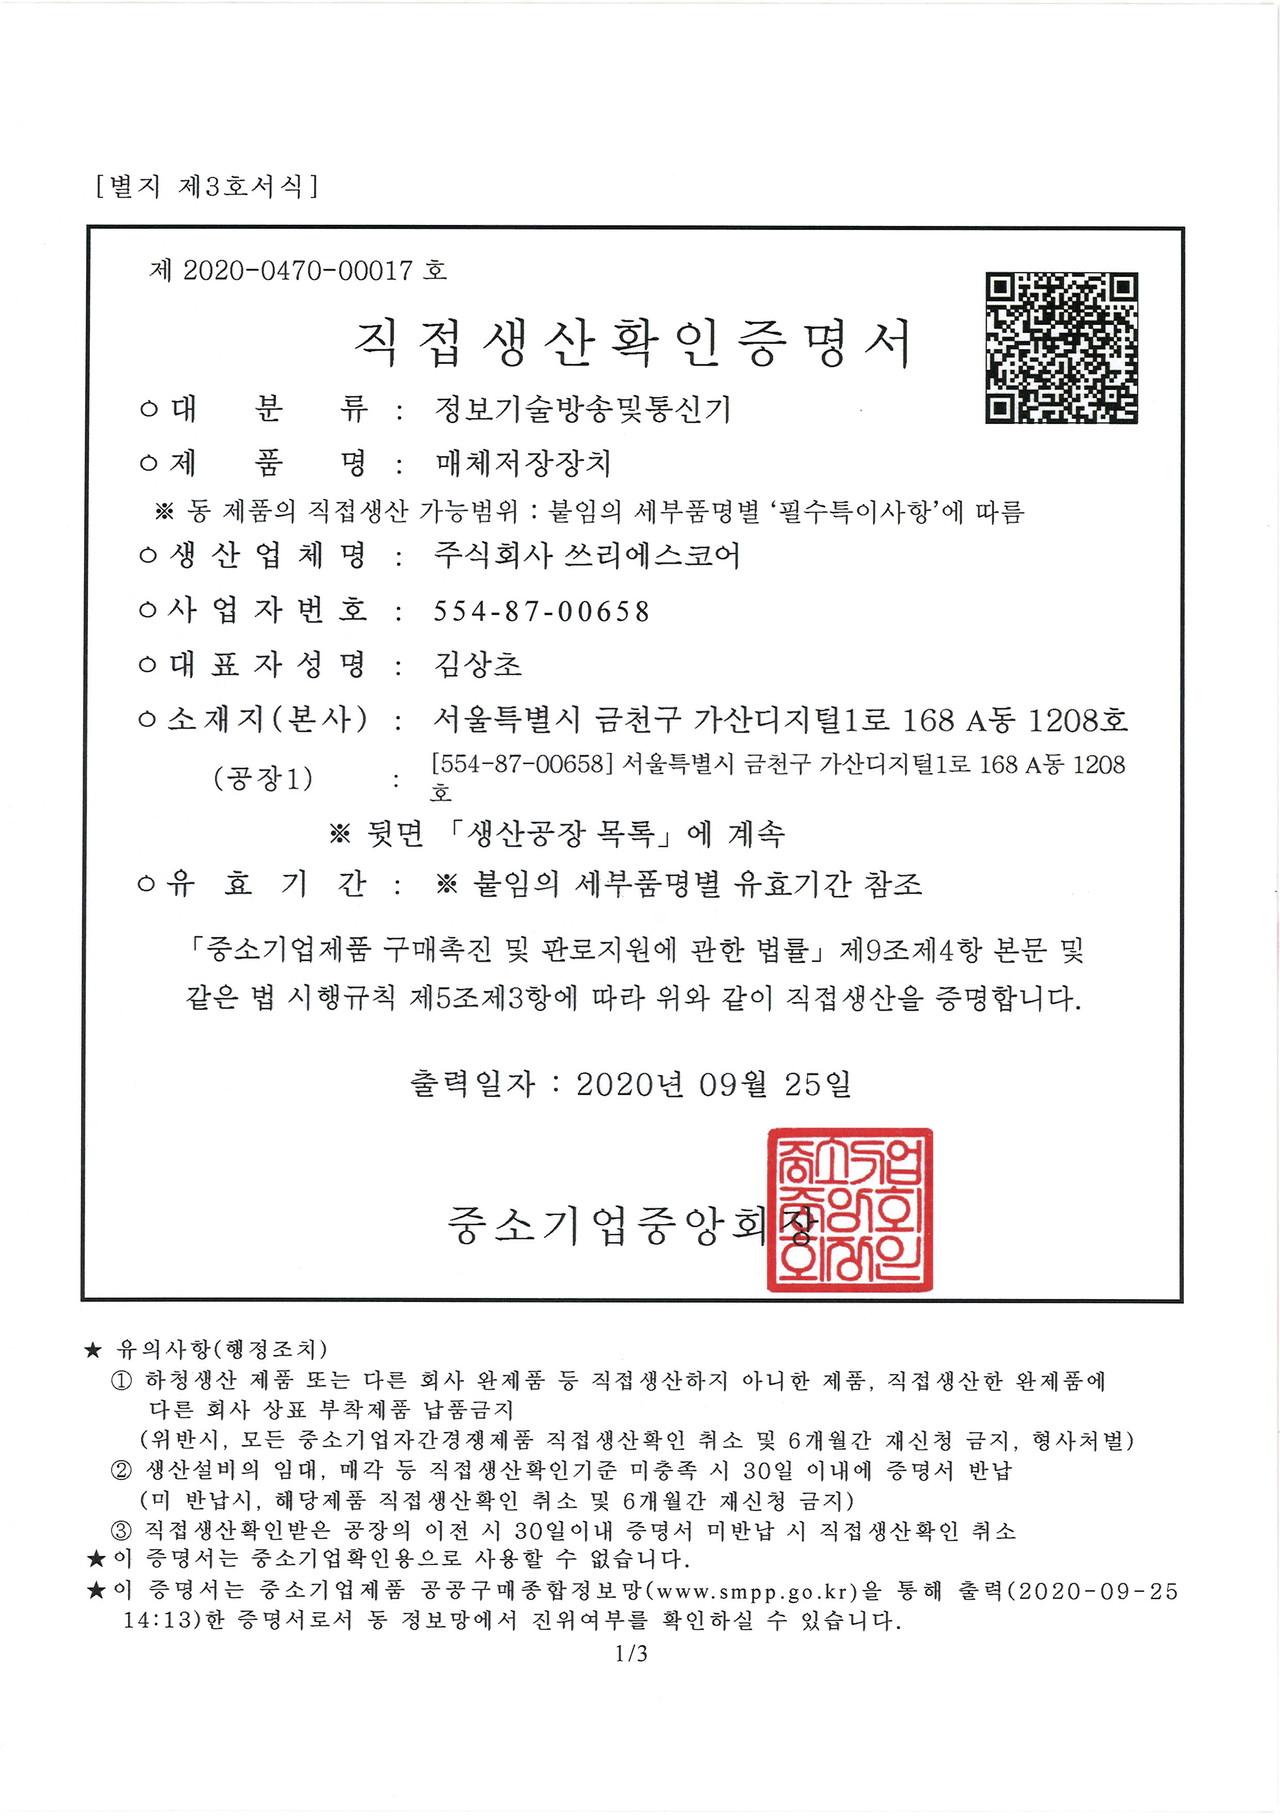 매체저장장치_직접생산 확인증명서